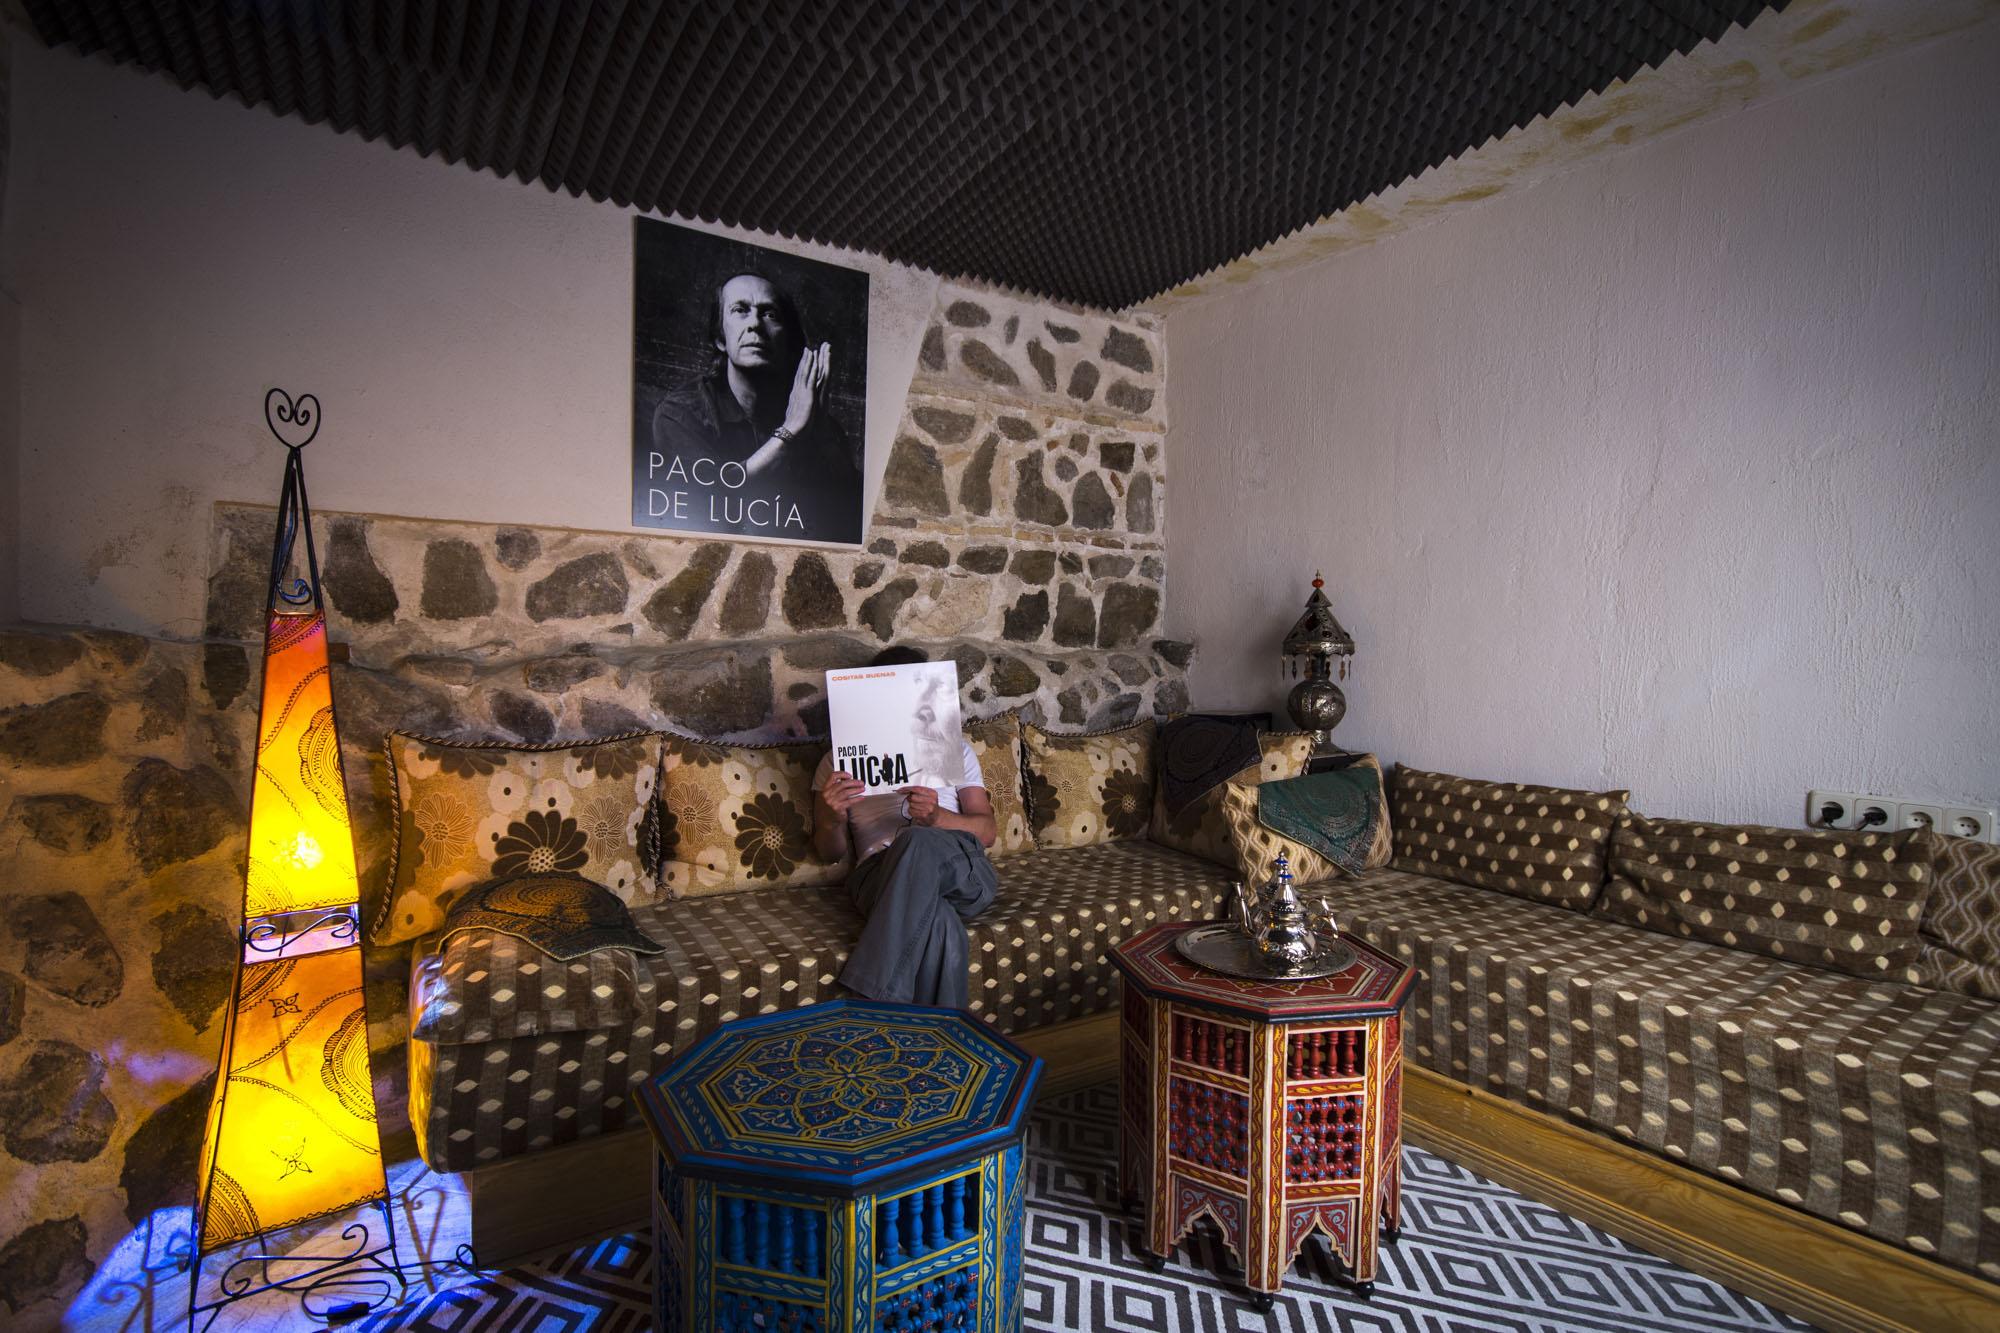 El lugar más especial del hotel es el estudio de grabación, donde Paco de Lucía grabó 'Cositas Buenas'.